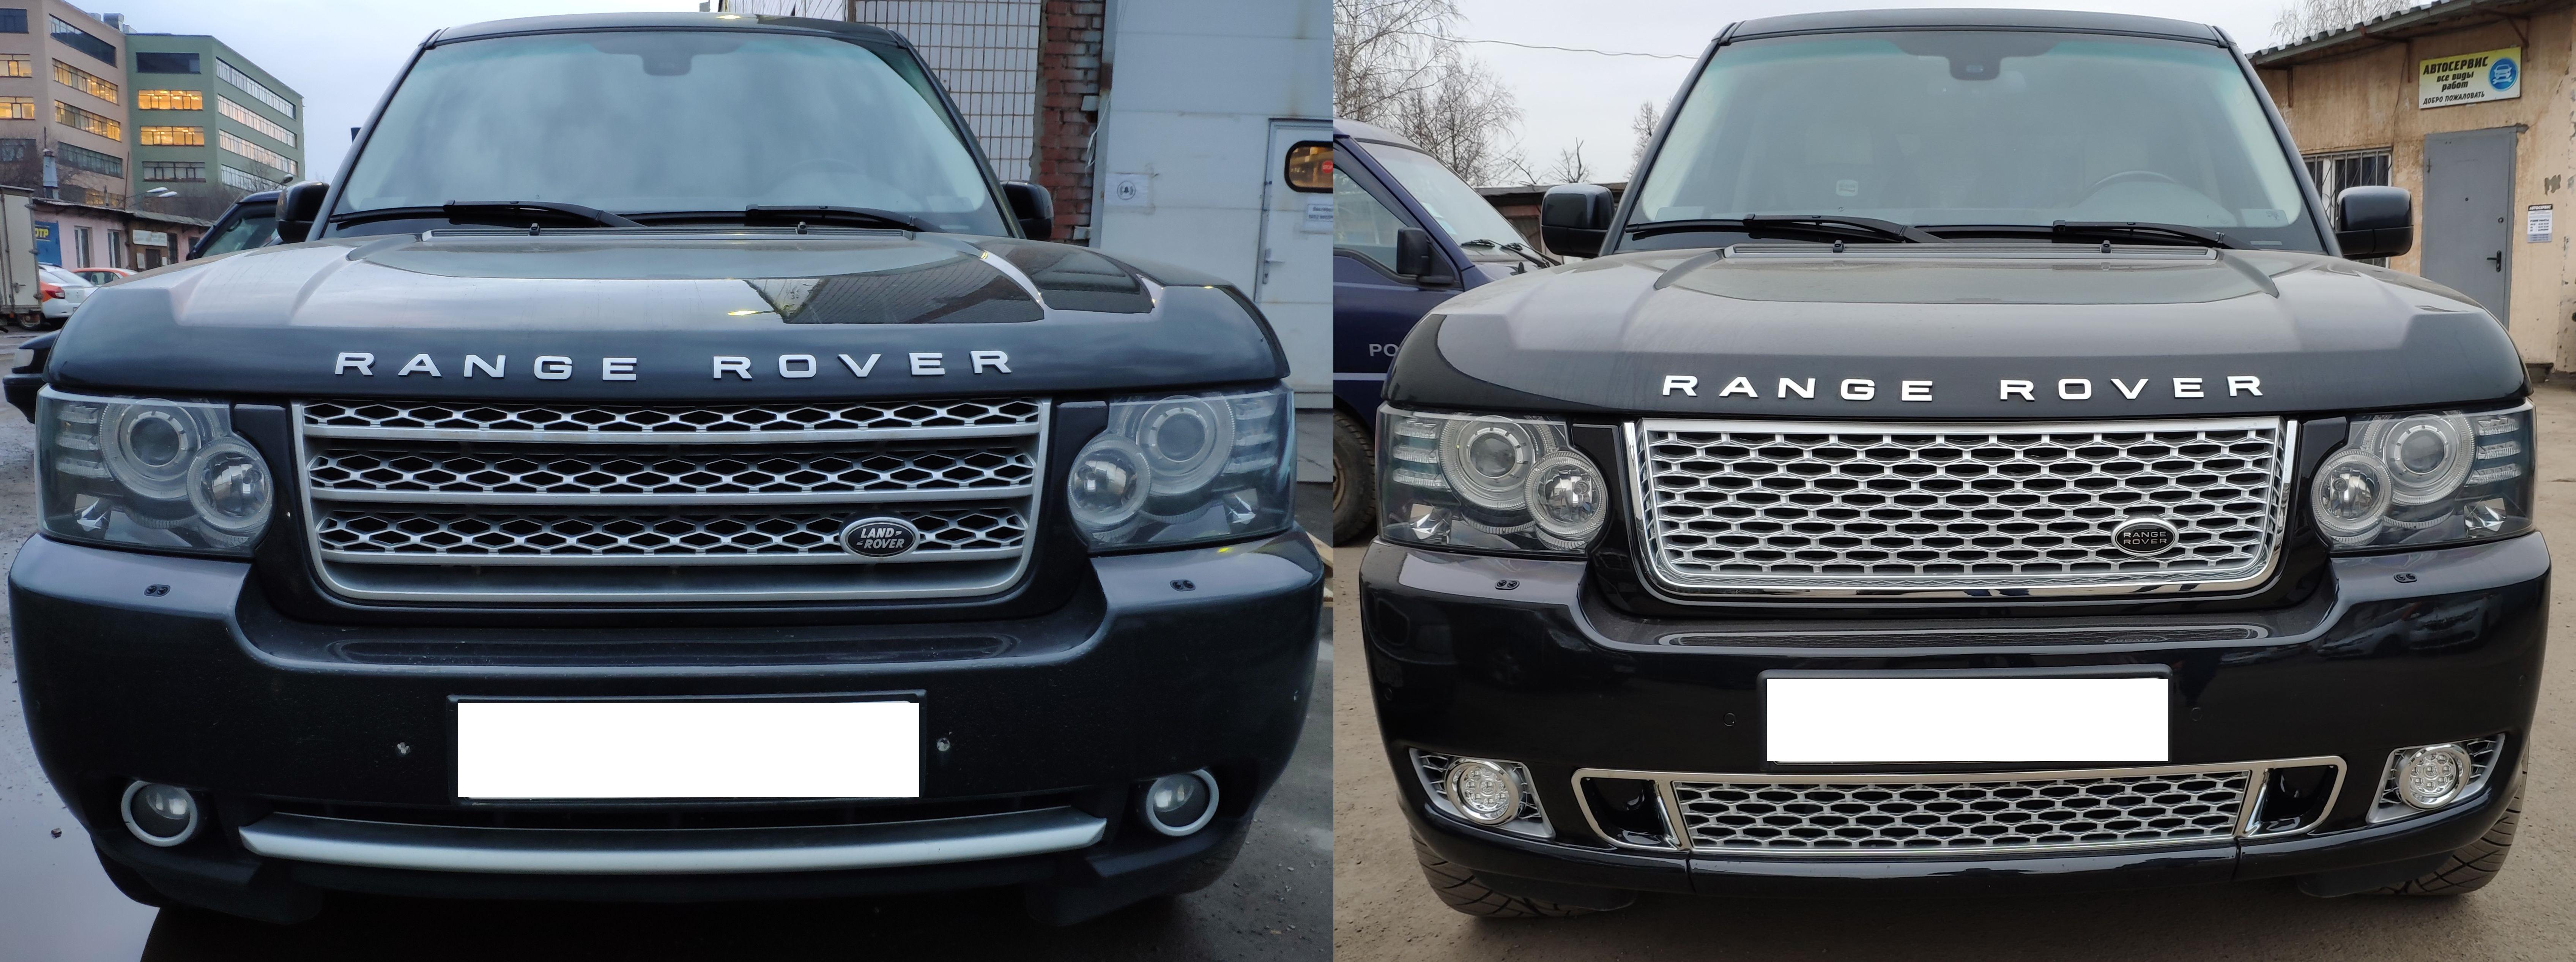 Передний бампер с решеткой Range Rover Vogue 2010-2012 Autobiography